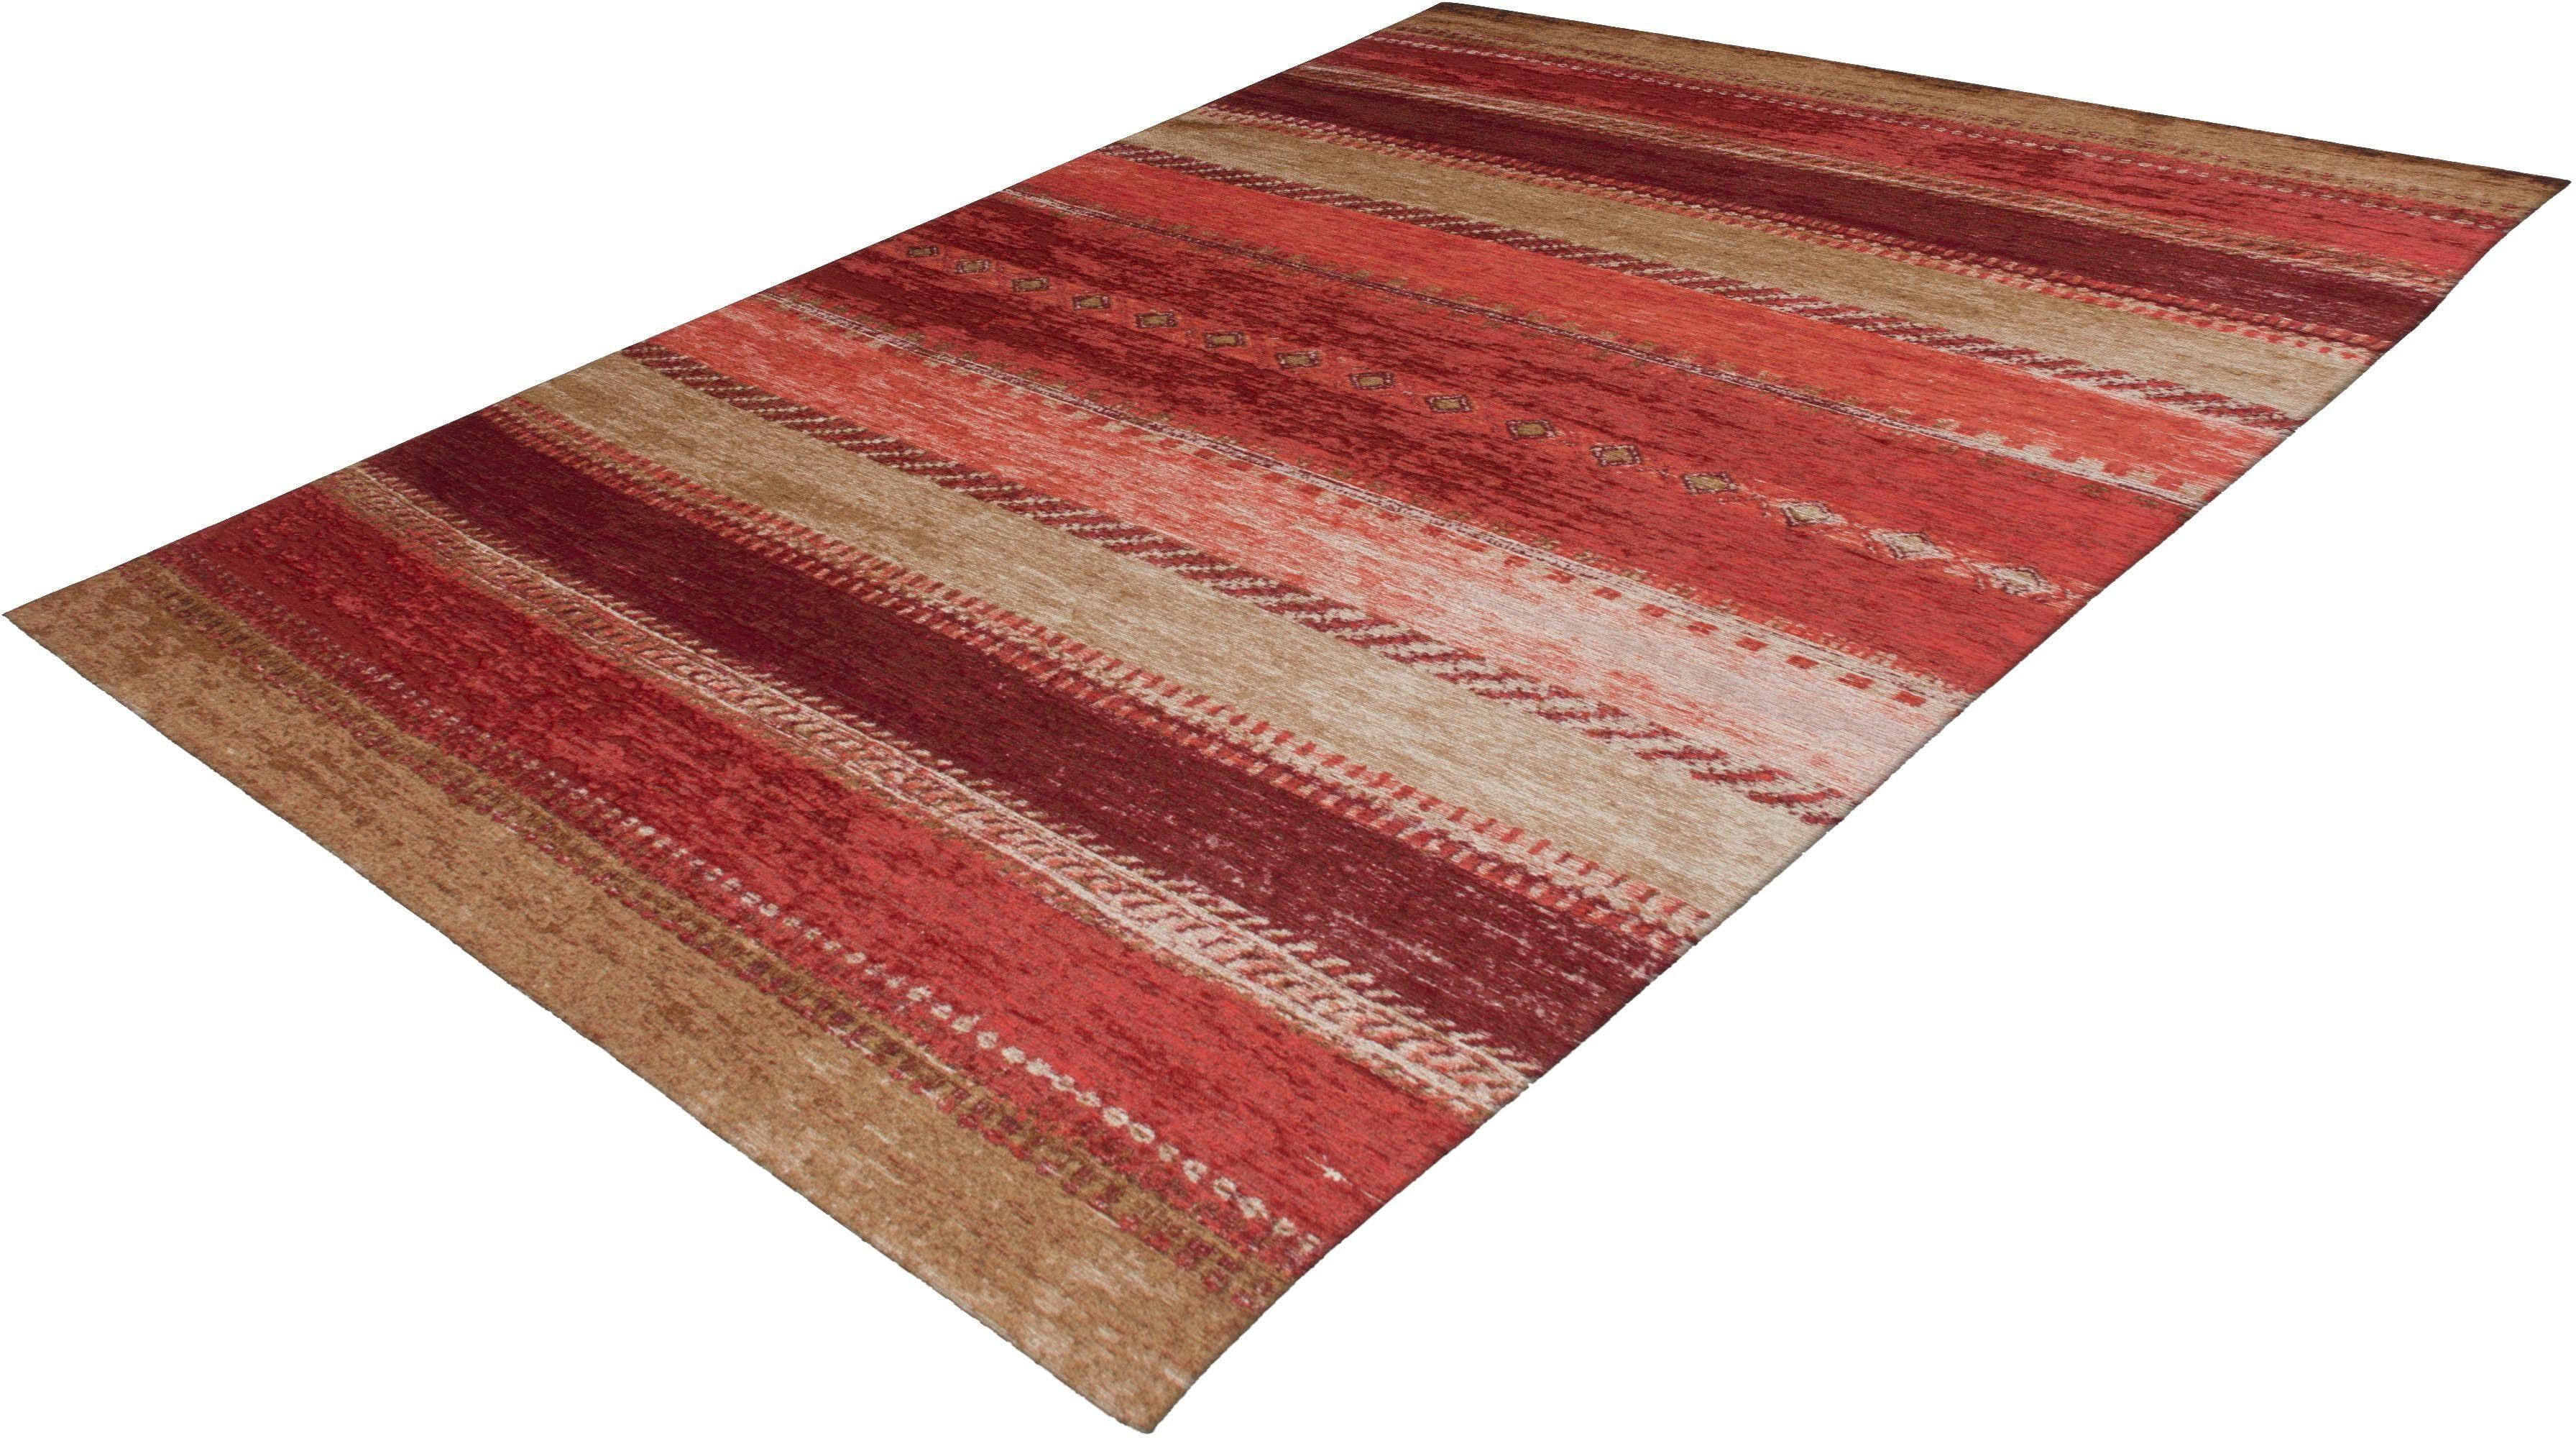 Image of Teppich, »Ophir 205«, calo-deluxe, rechteckig, Höhe 8 mm, maschinell gewebt